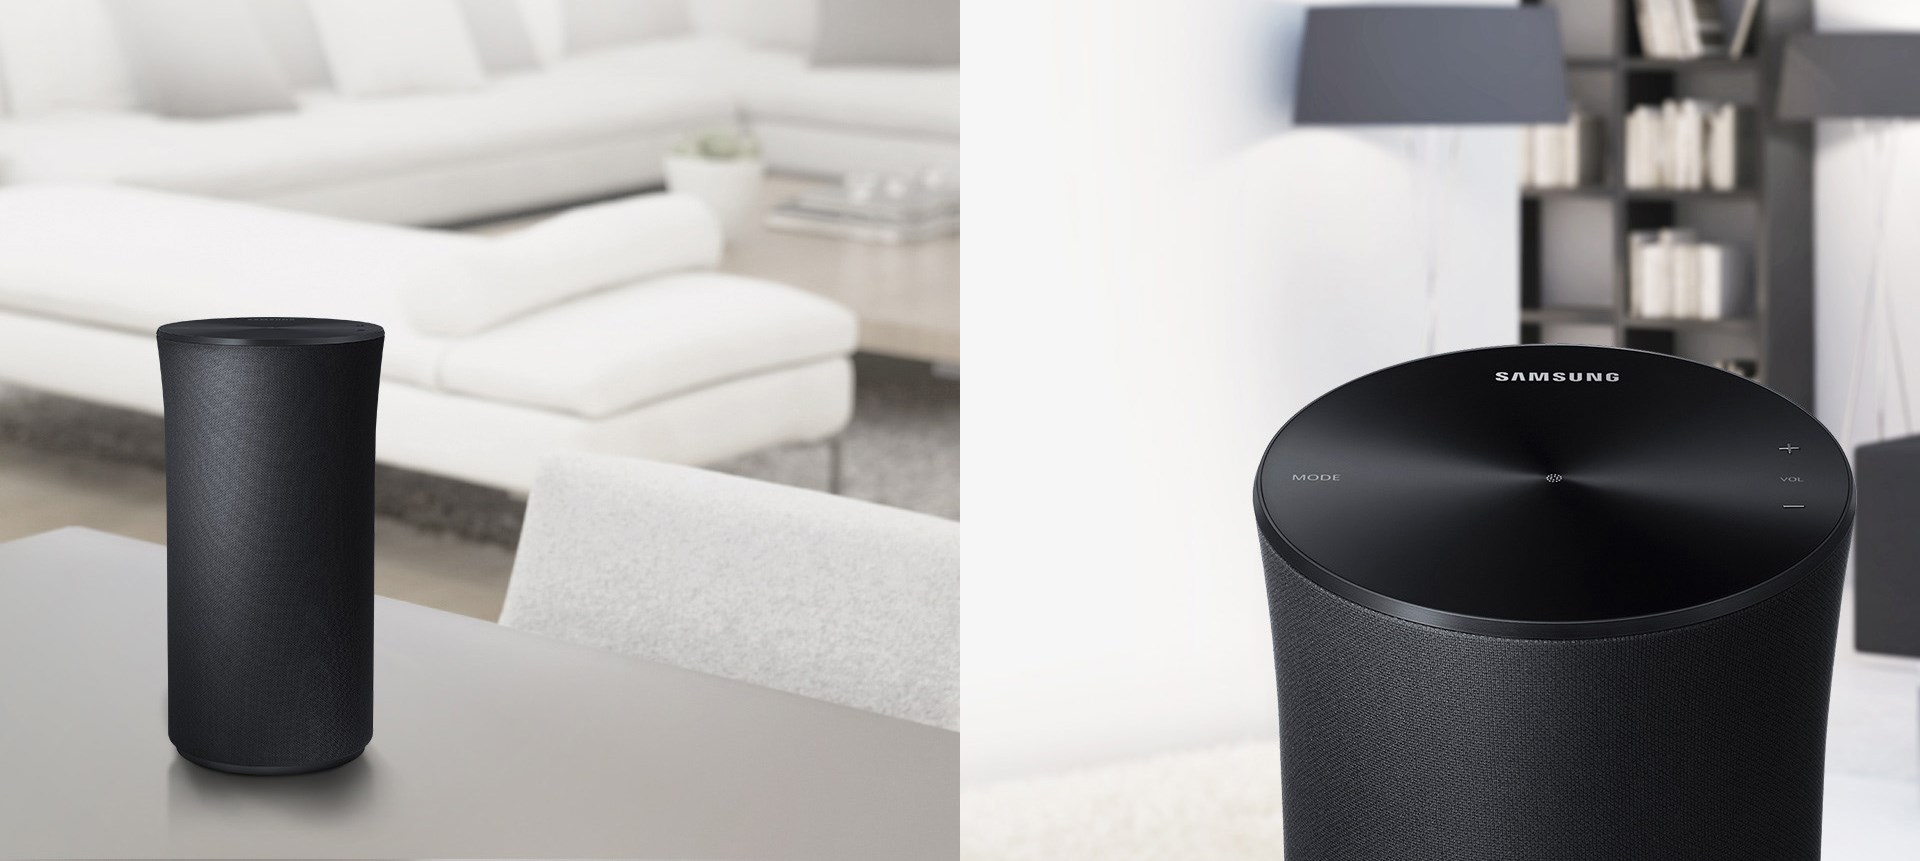 Du kan också göra högtalaren en del av något större genom att ansluta den  till andra Samsung Multiroom-enheter som du har hemma. Du styr högtalaren  enkelt ... 772845ce745e7